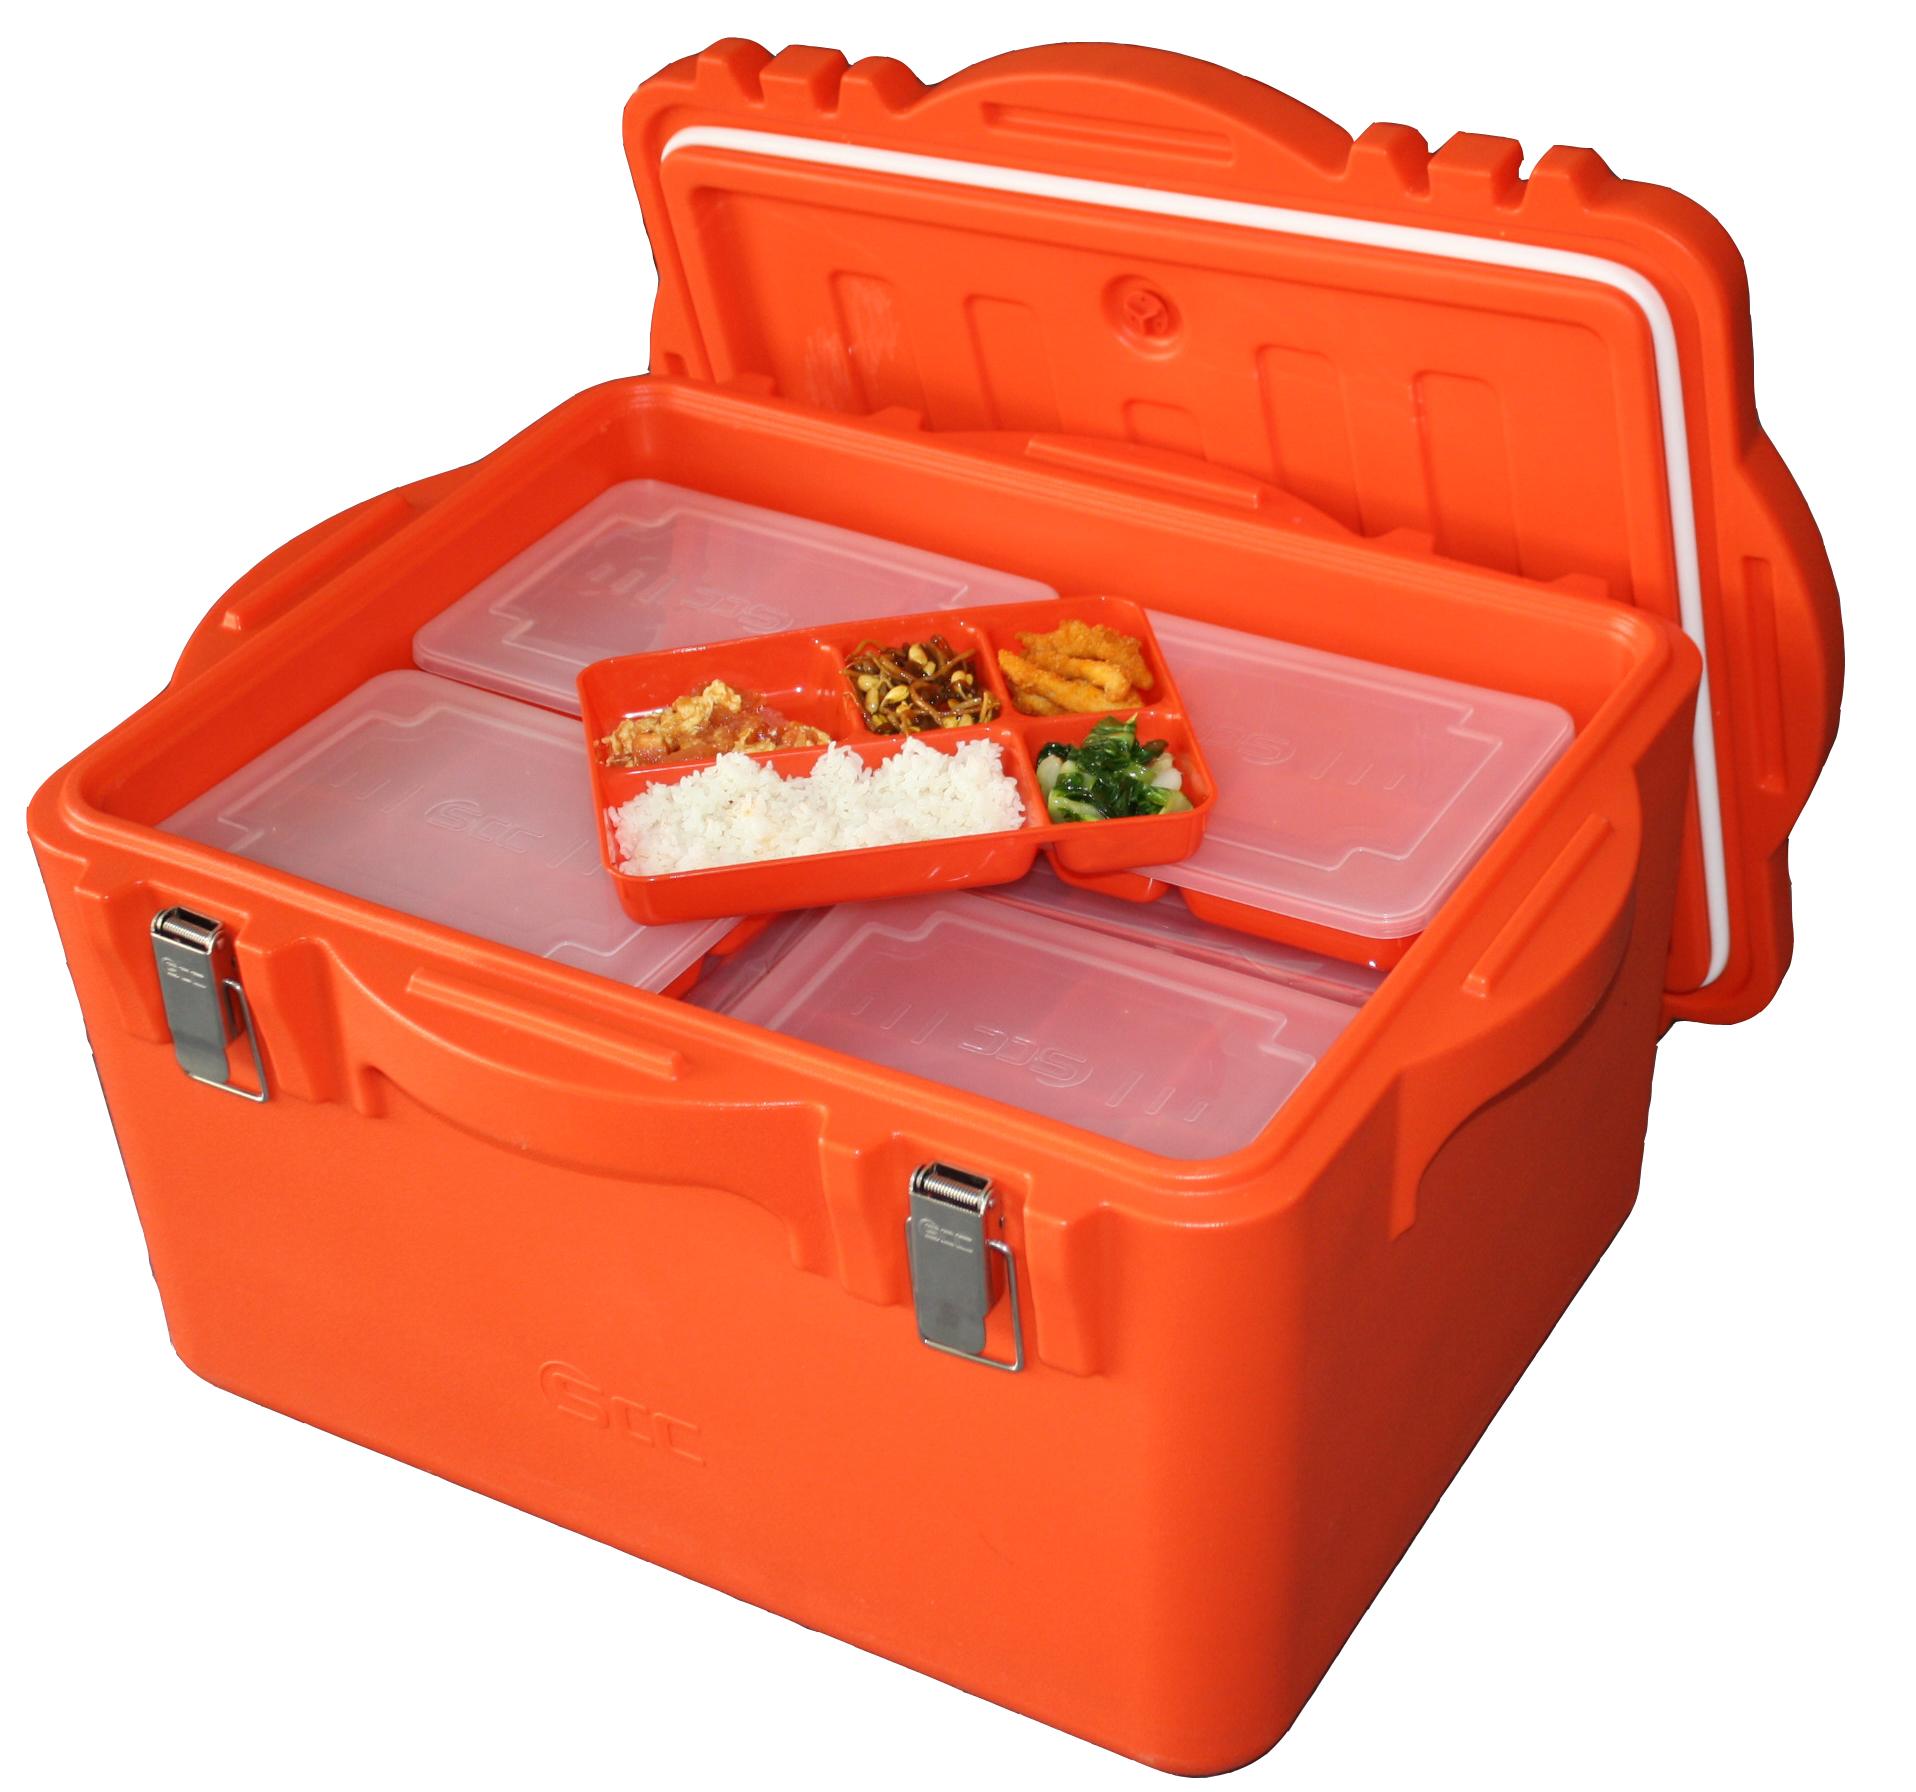 保温箱-食品级PE材质,保温6小时